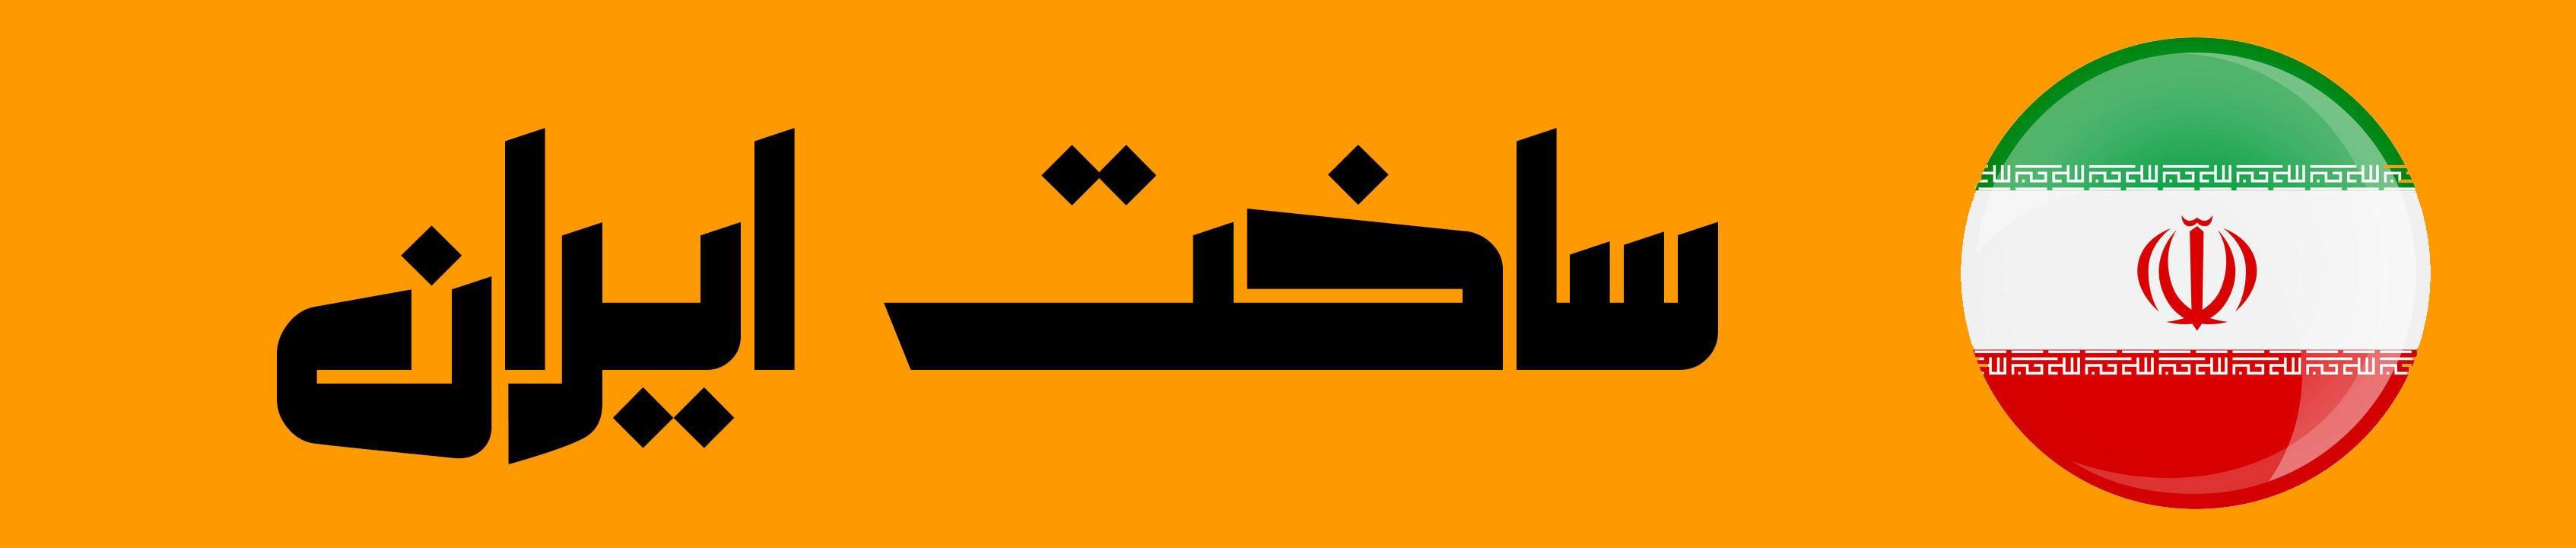 ساخت ایران (MADE IN IRAN)